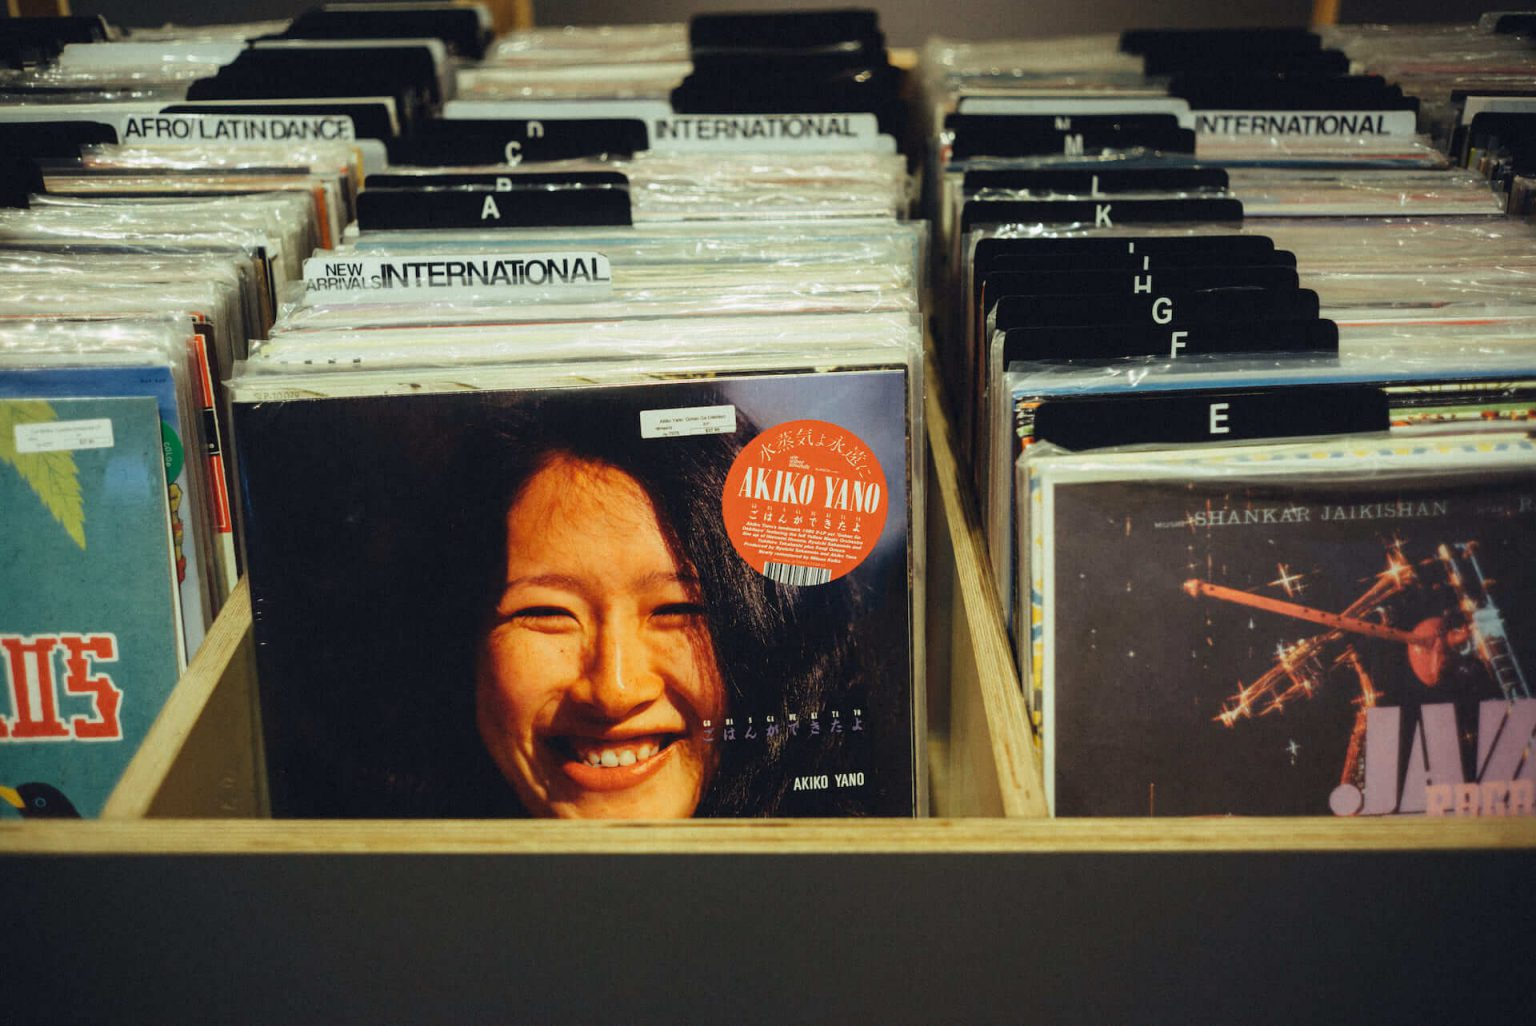 8_2120_AT_TTL-1440x962 1999年、NYC・大学寮の一室で始まったレコードショップの現在。すべてのDJに開かれた店「Turntable Lab」